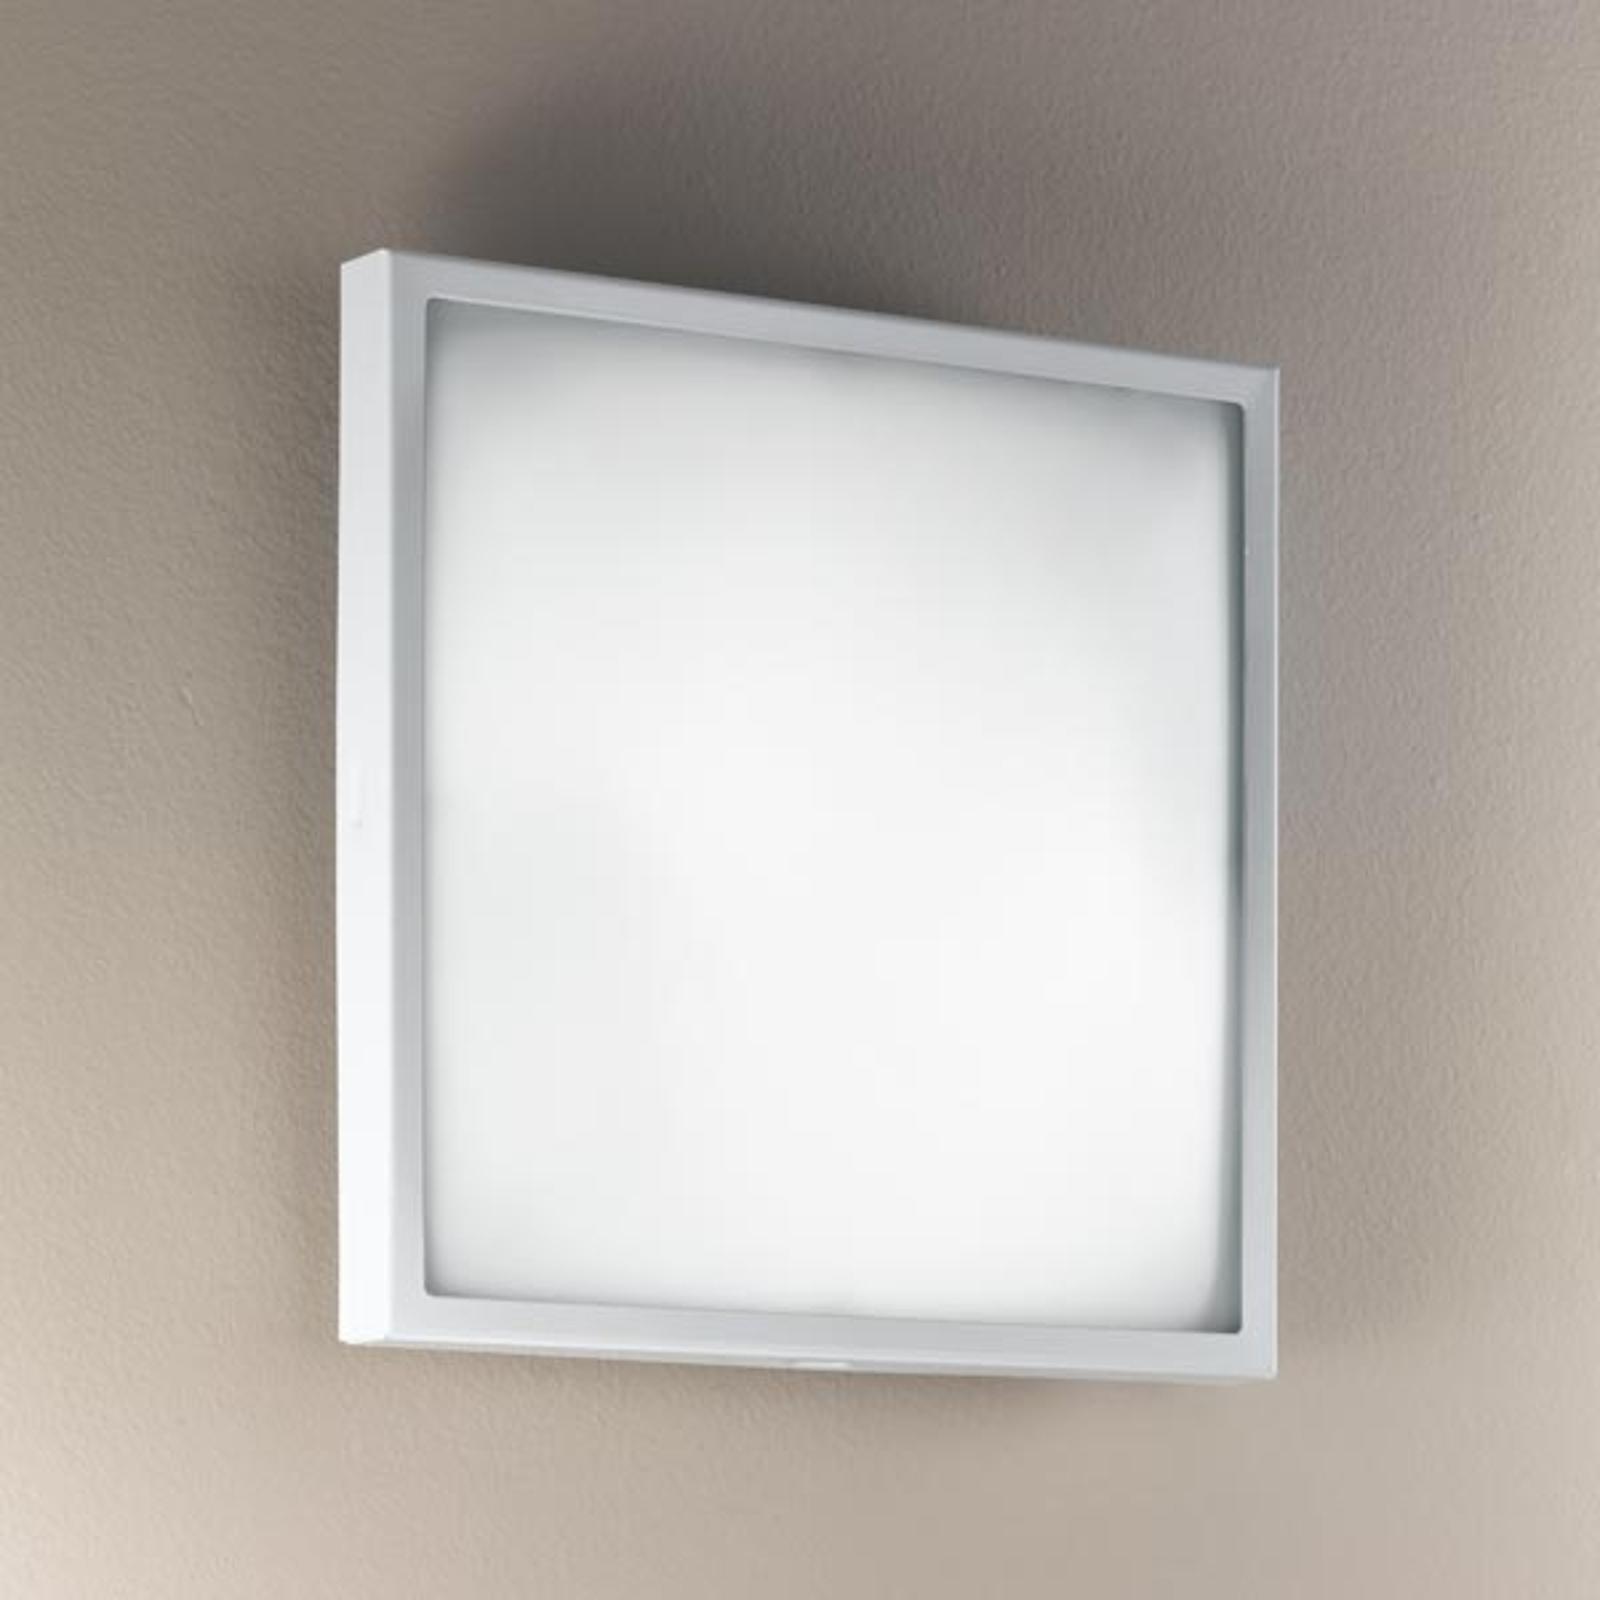 Glassvegg- og taklampe OSAKA 30 hvit